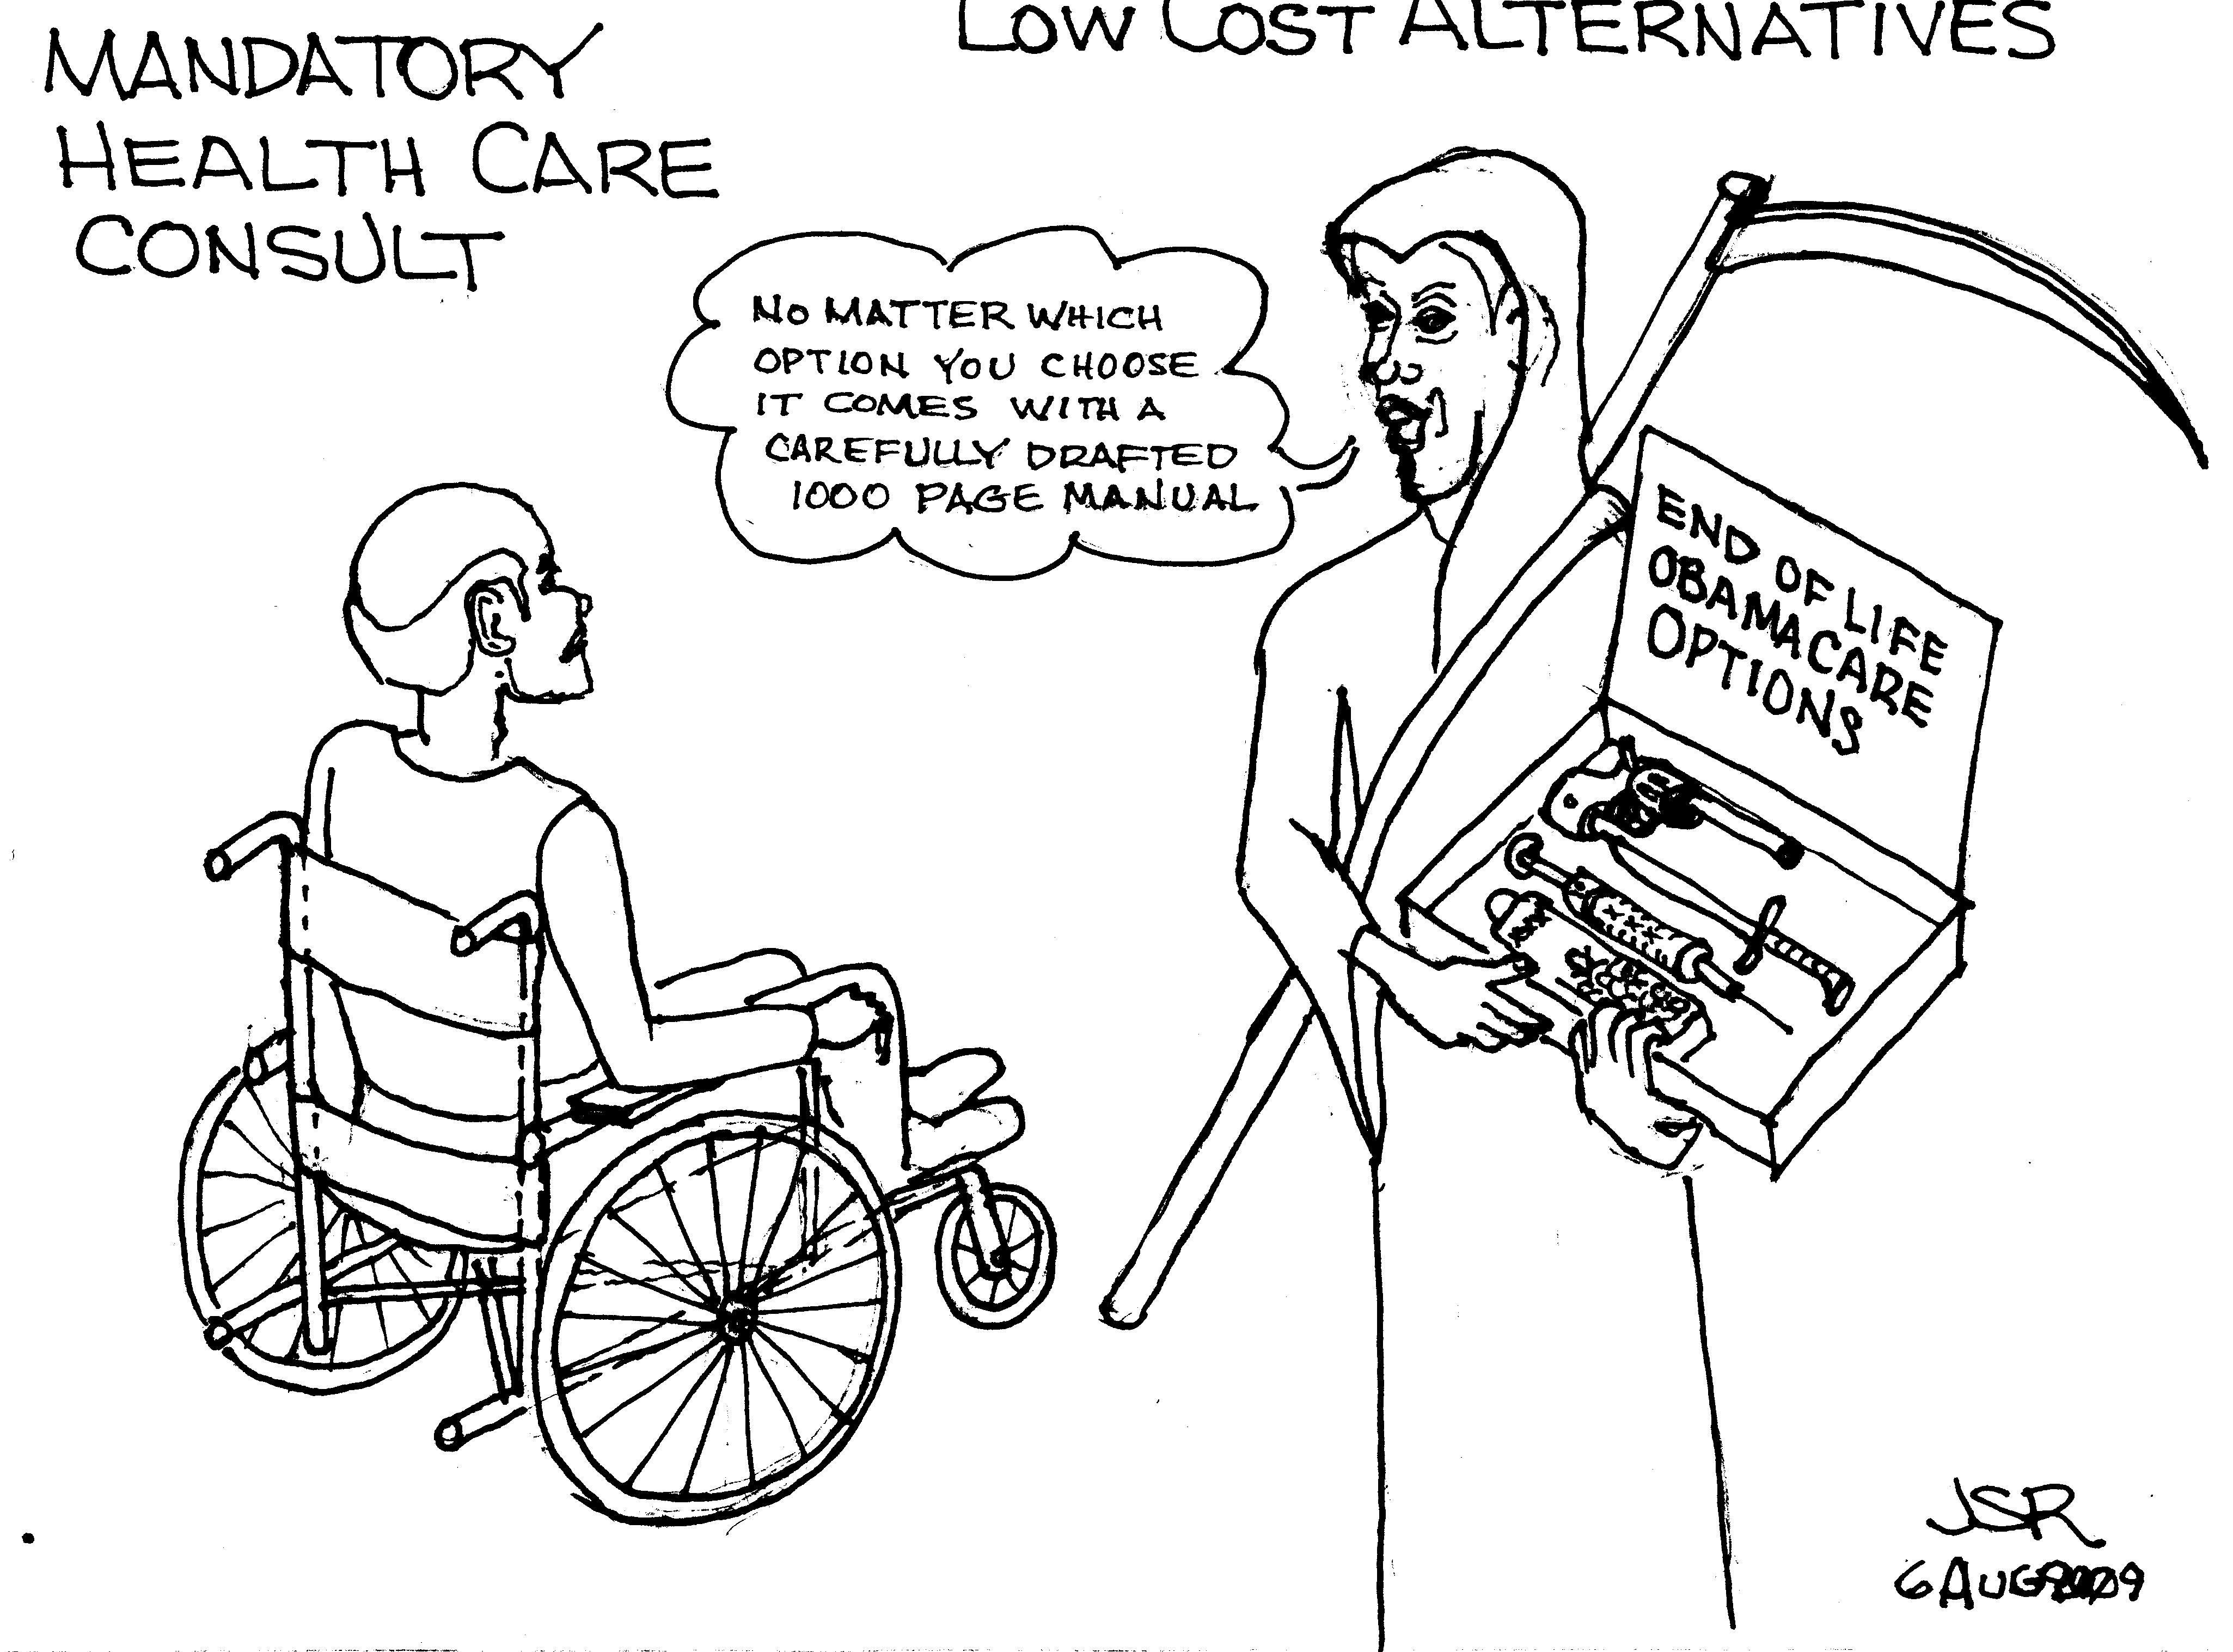 Obamacare Satire Cartoons